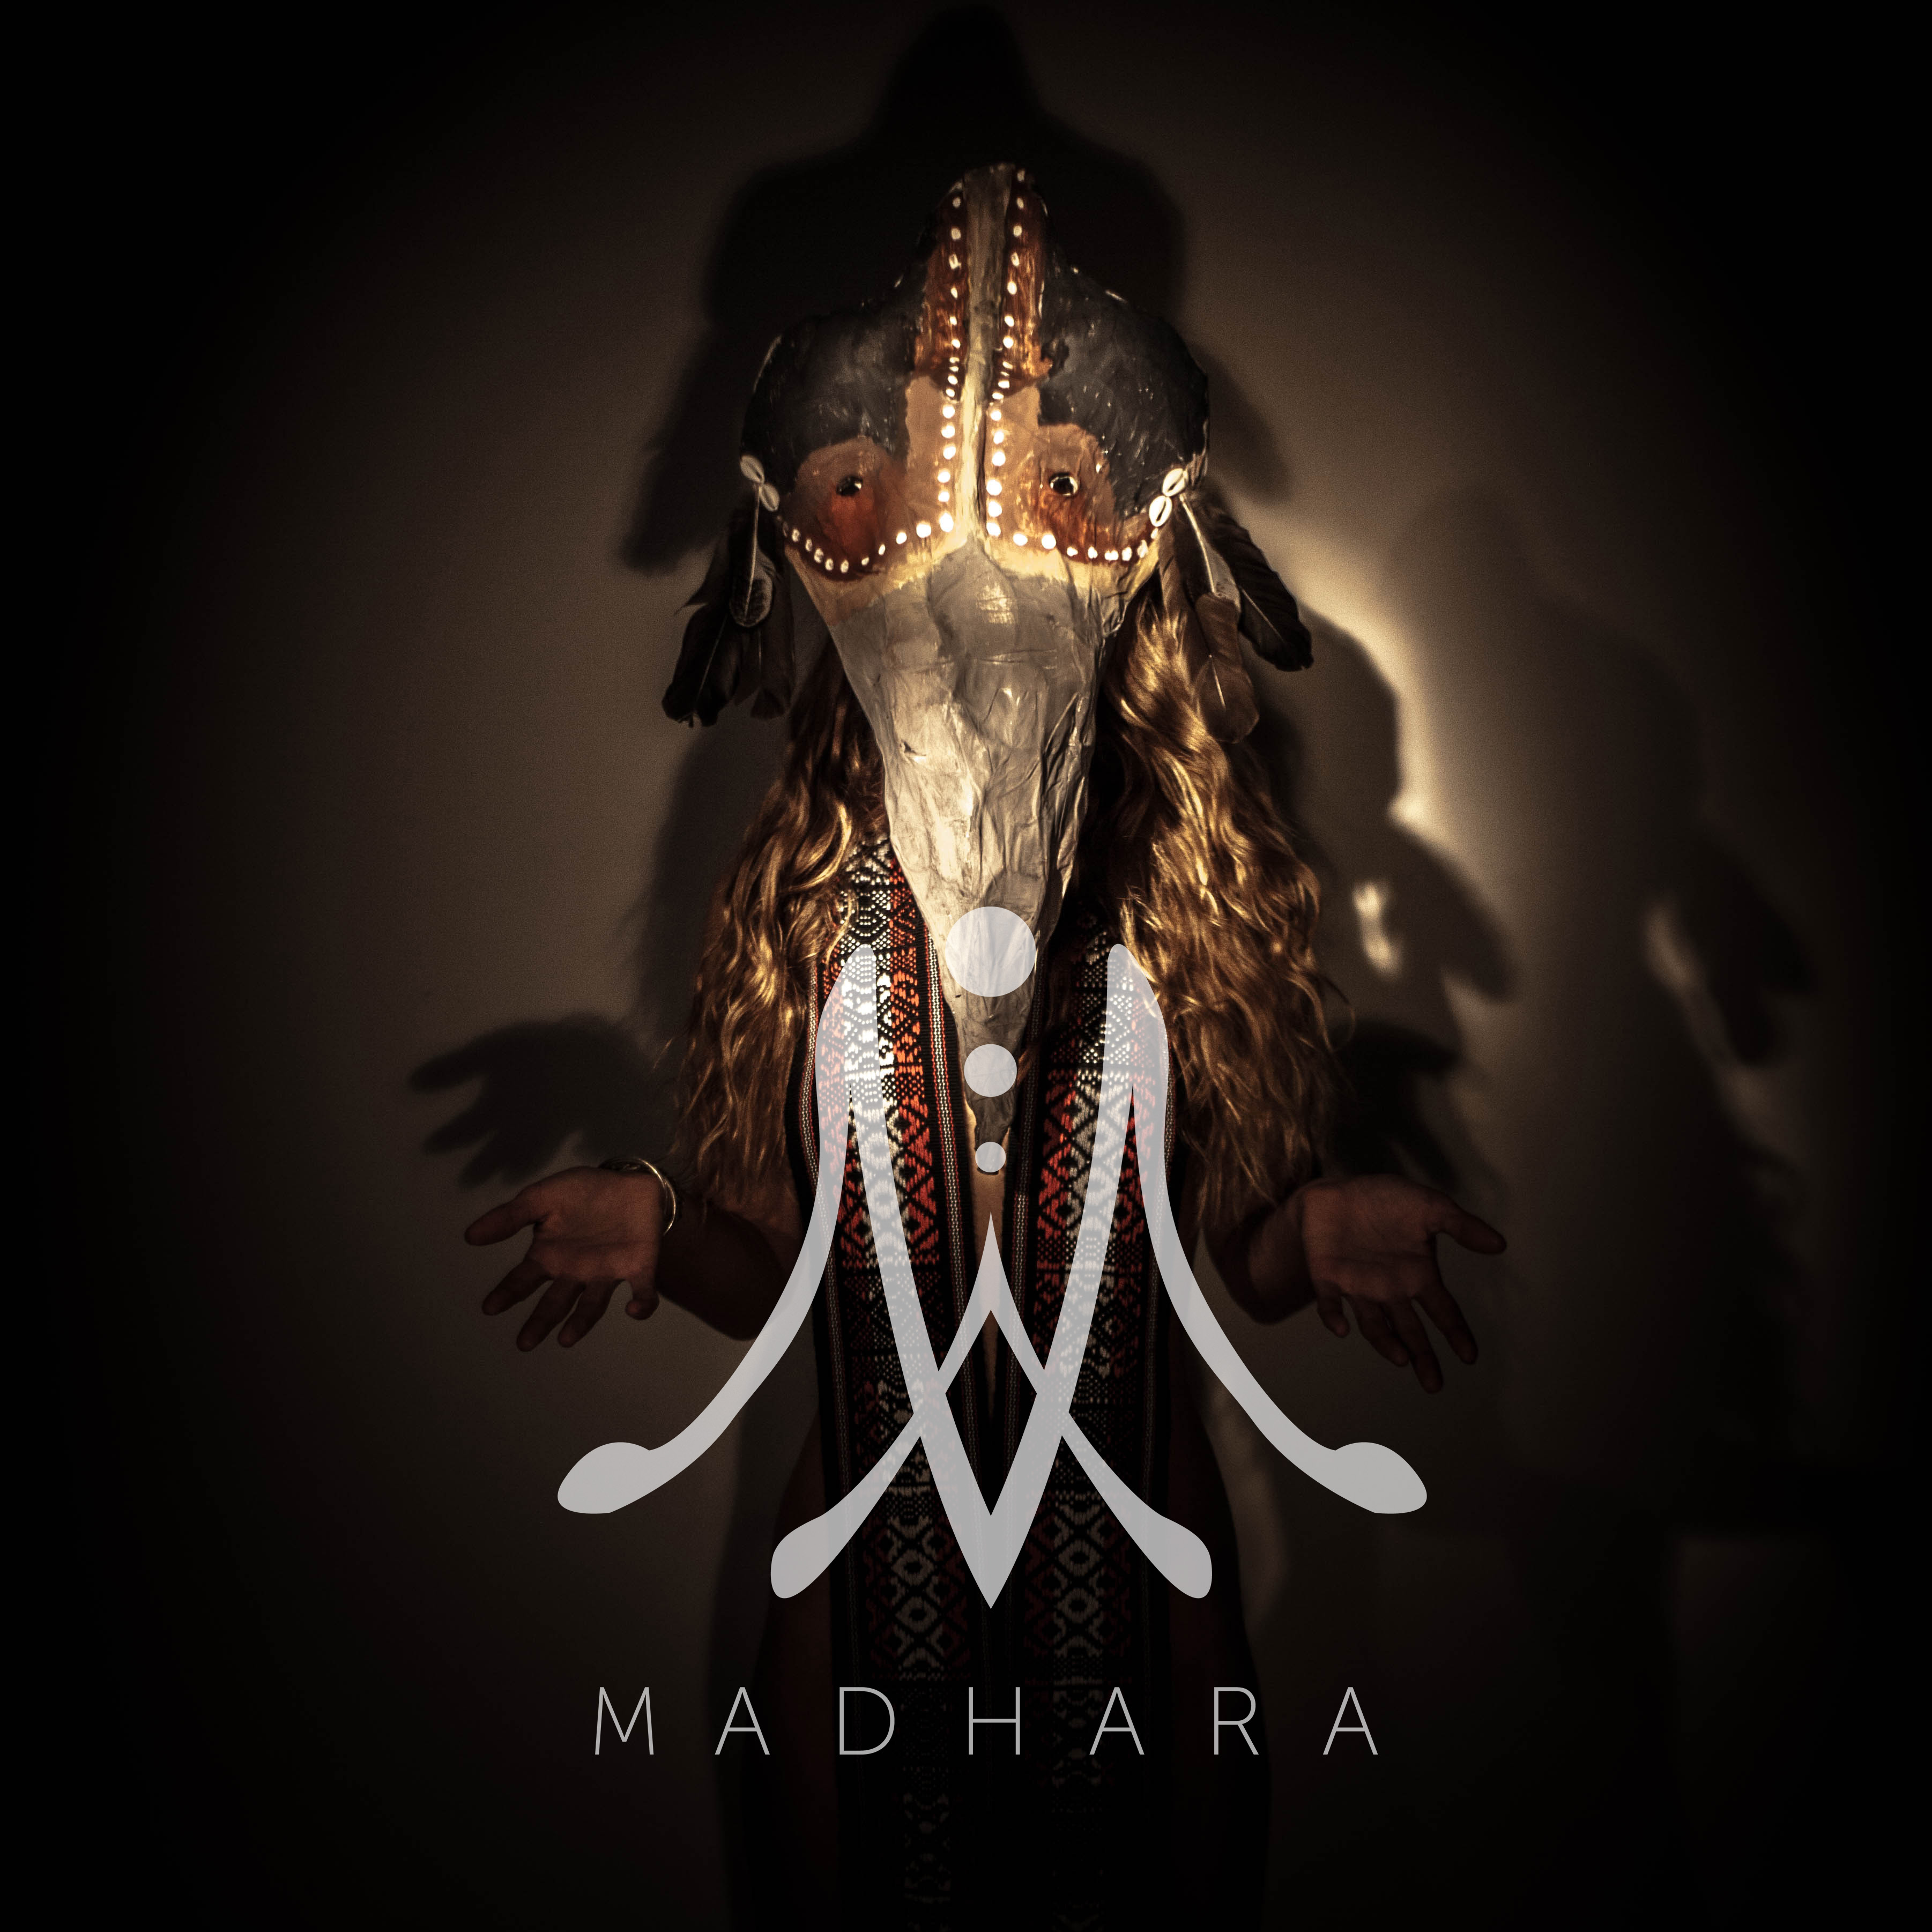 Madhara